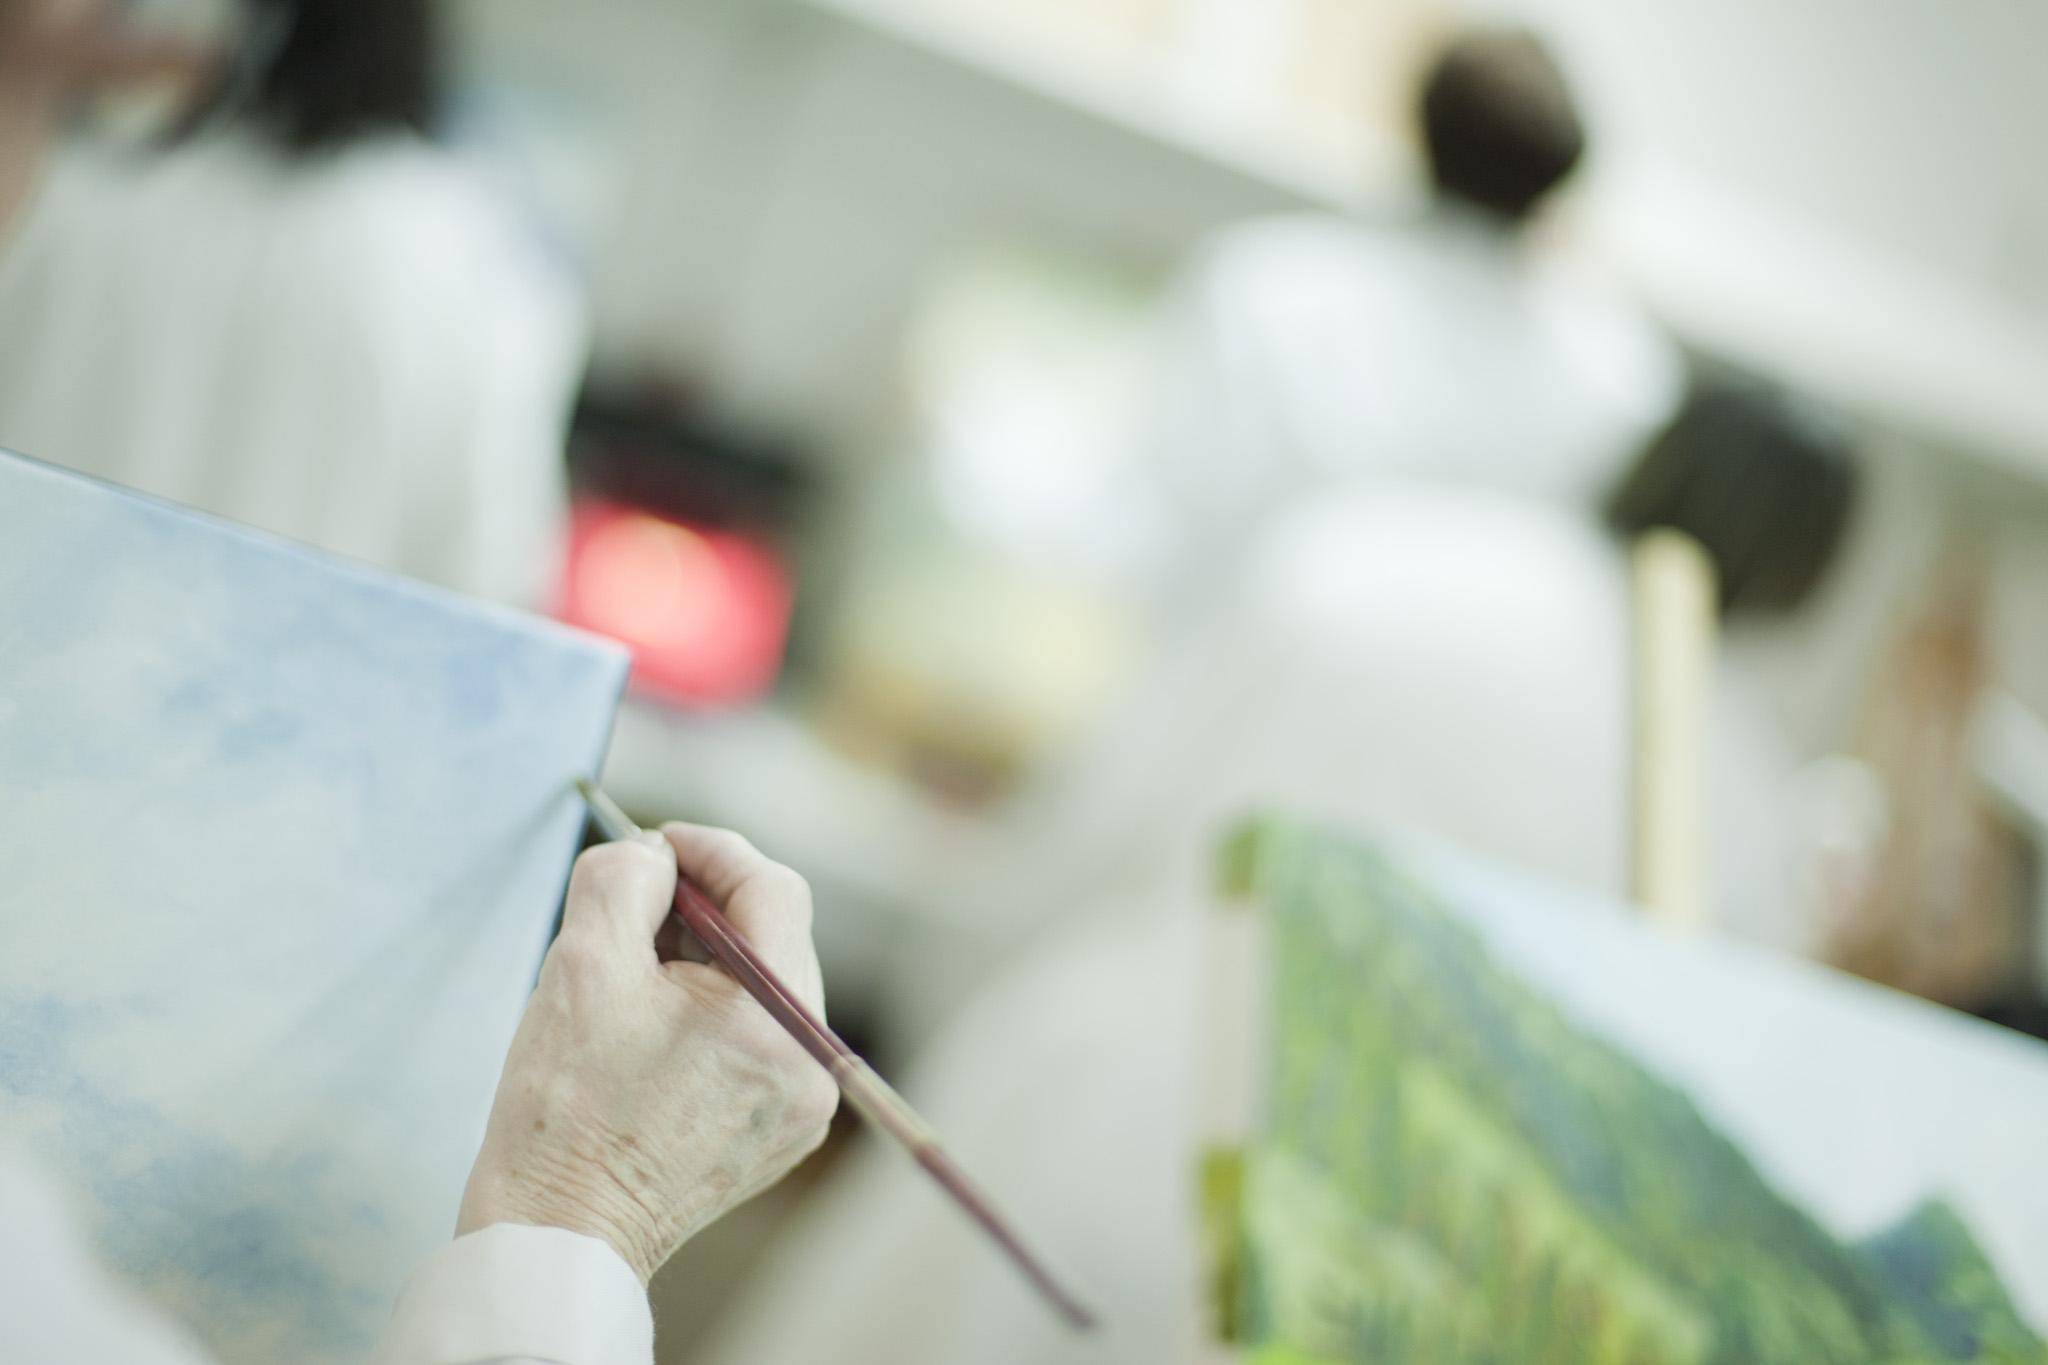 Taller de pintura para mayores del Ayuntamiento de Basauri